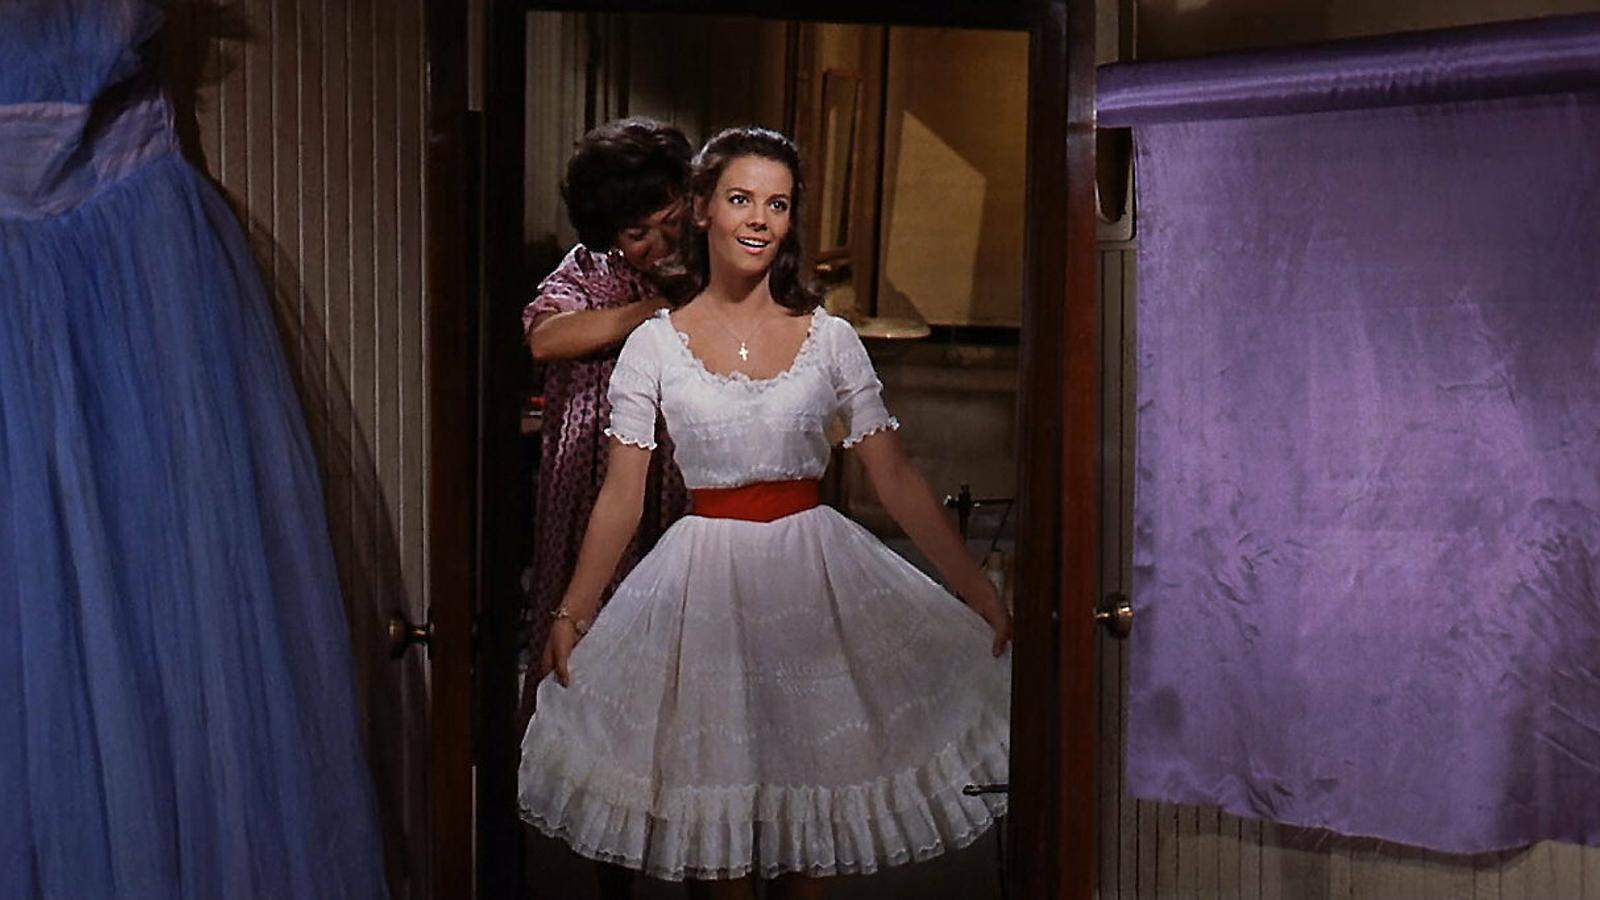 La Maria de 'West Side story' ja no s'ha de sentir maca